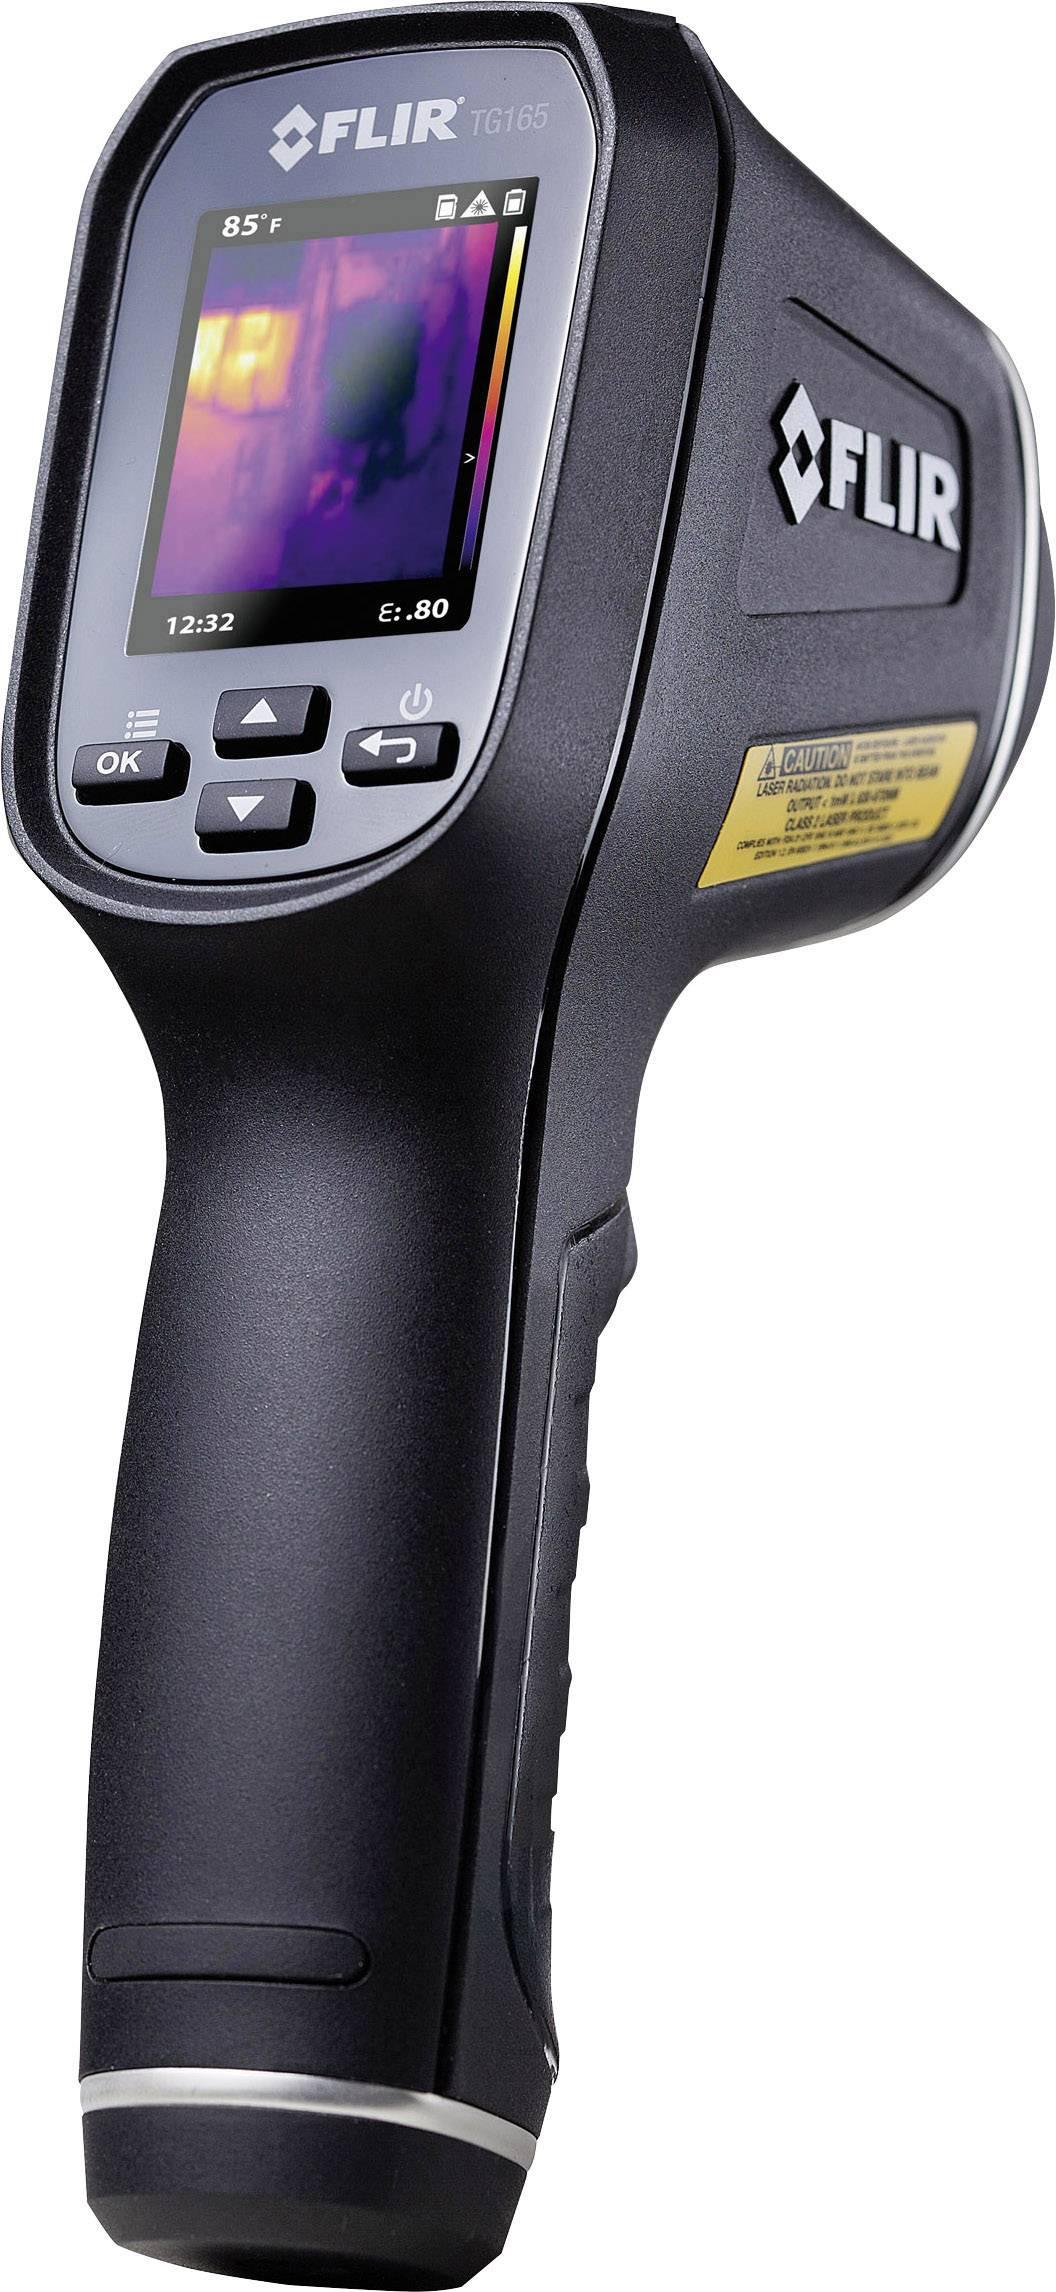 Zbrusu nový infračervený teploměr FLIR TG165